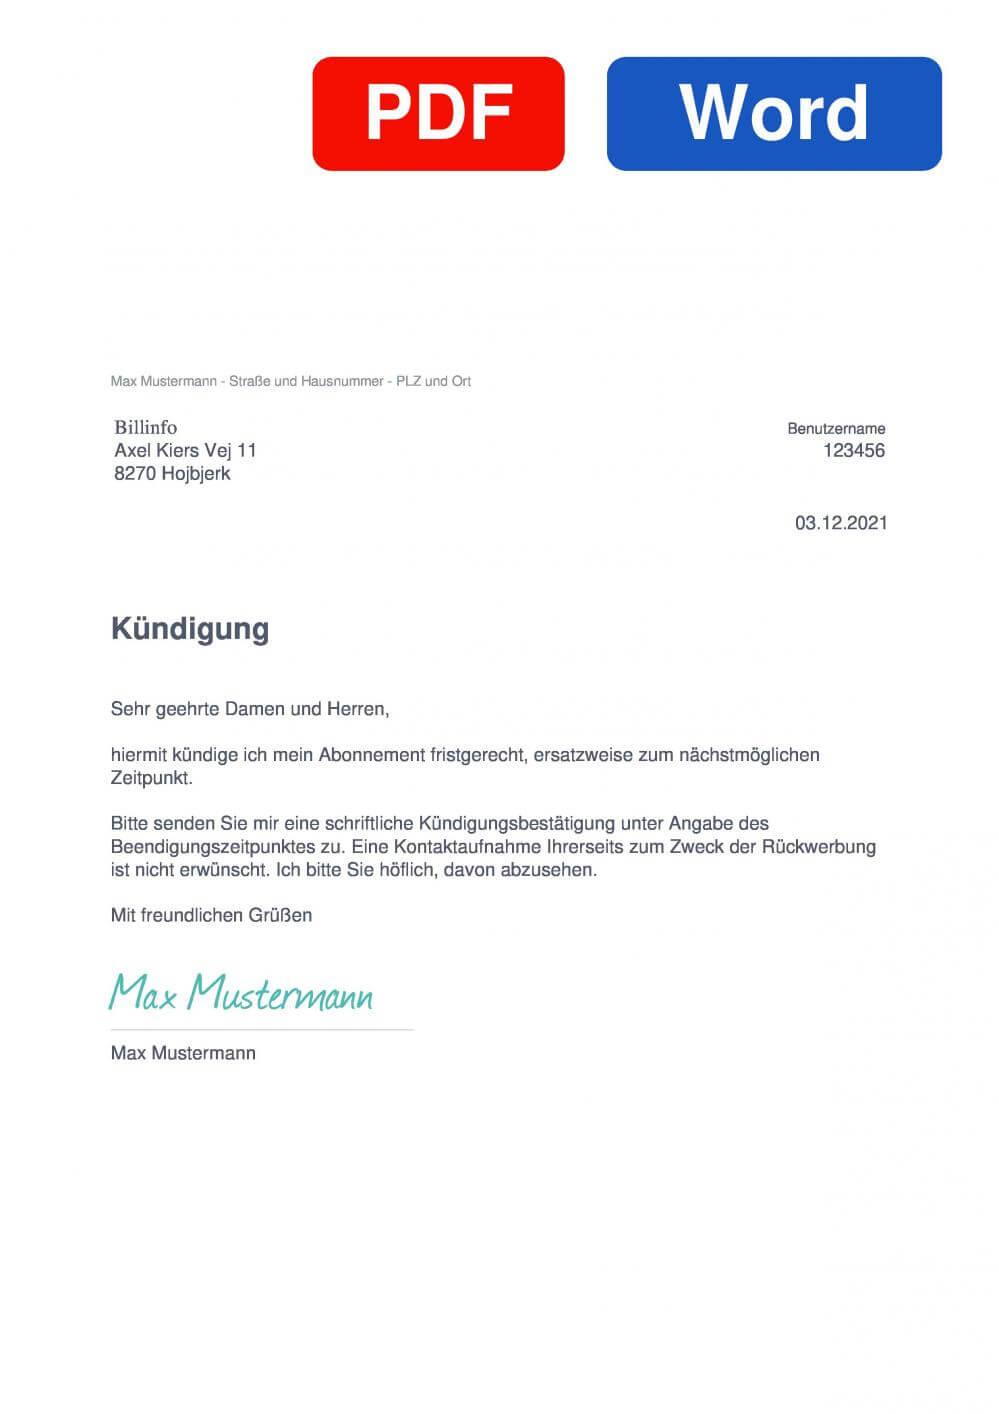 Billinfo Muster Vorlage für Kündigungsschreiben